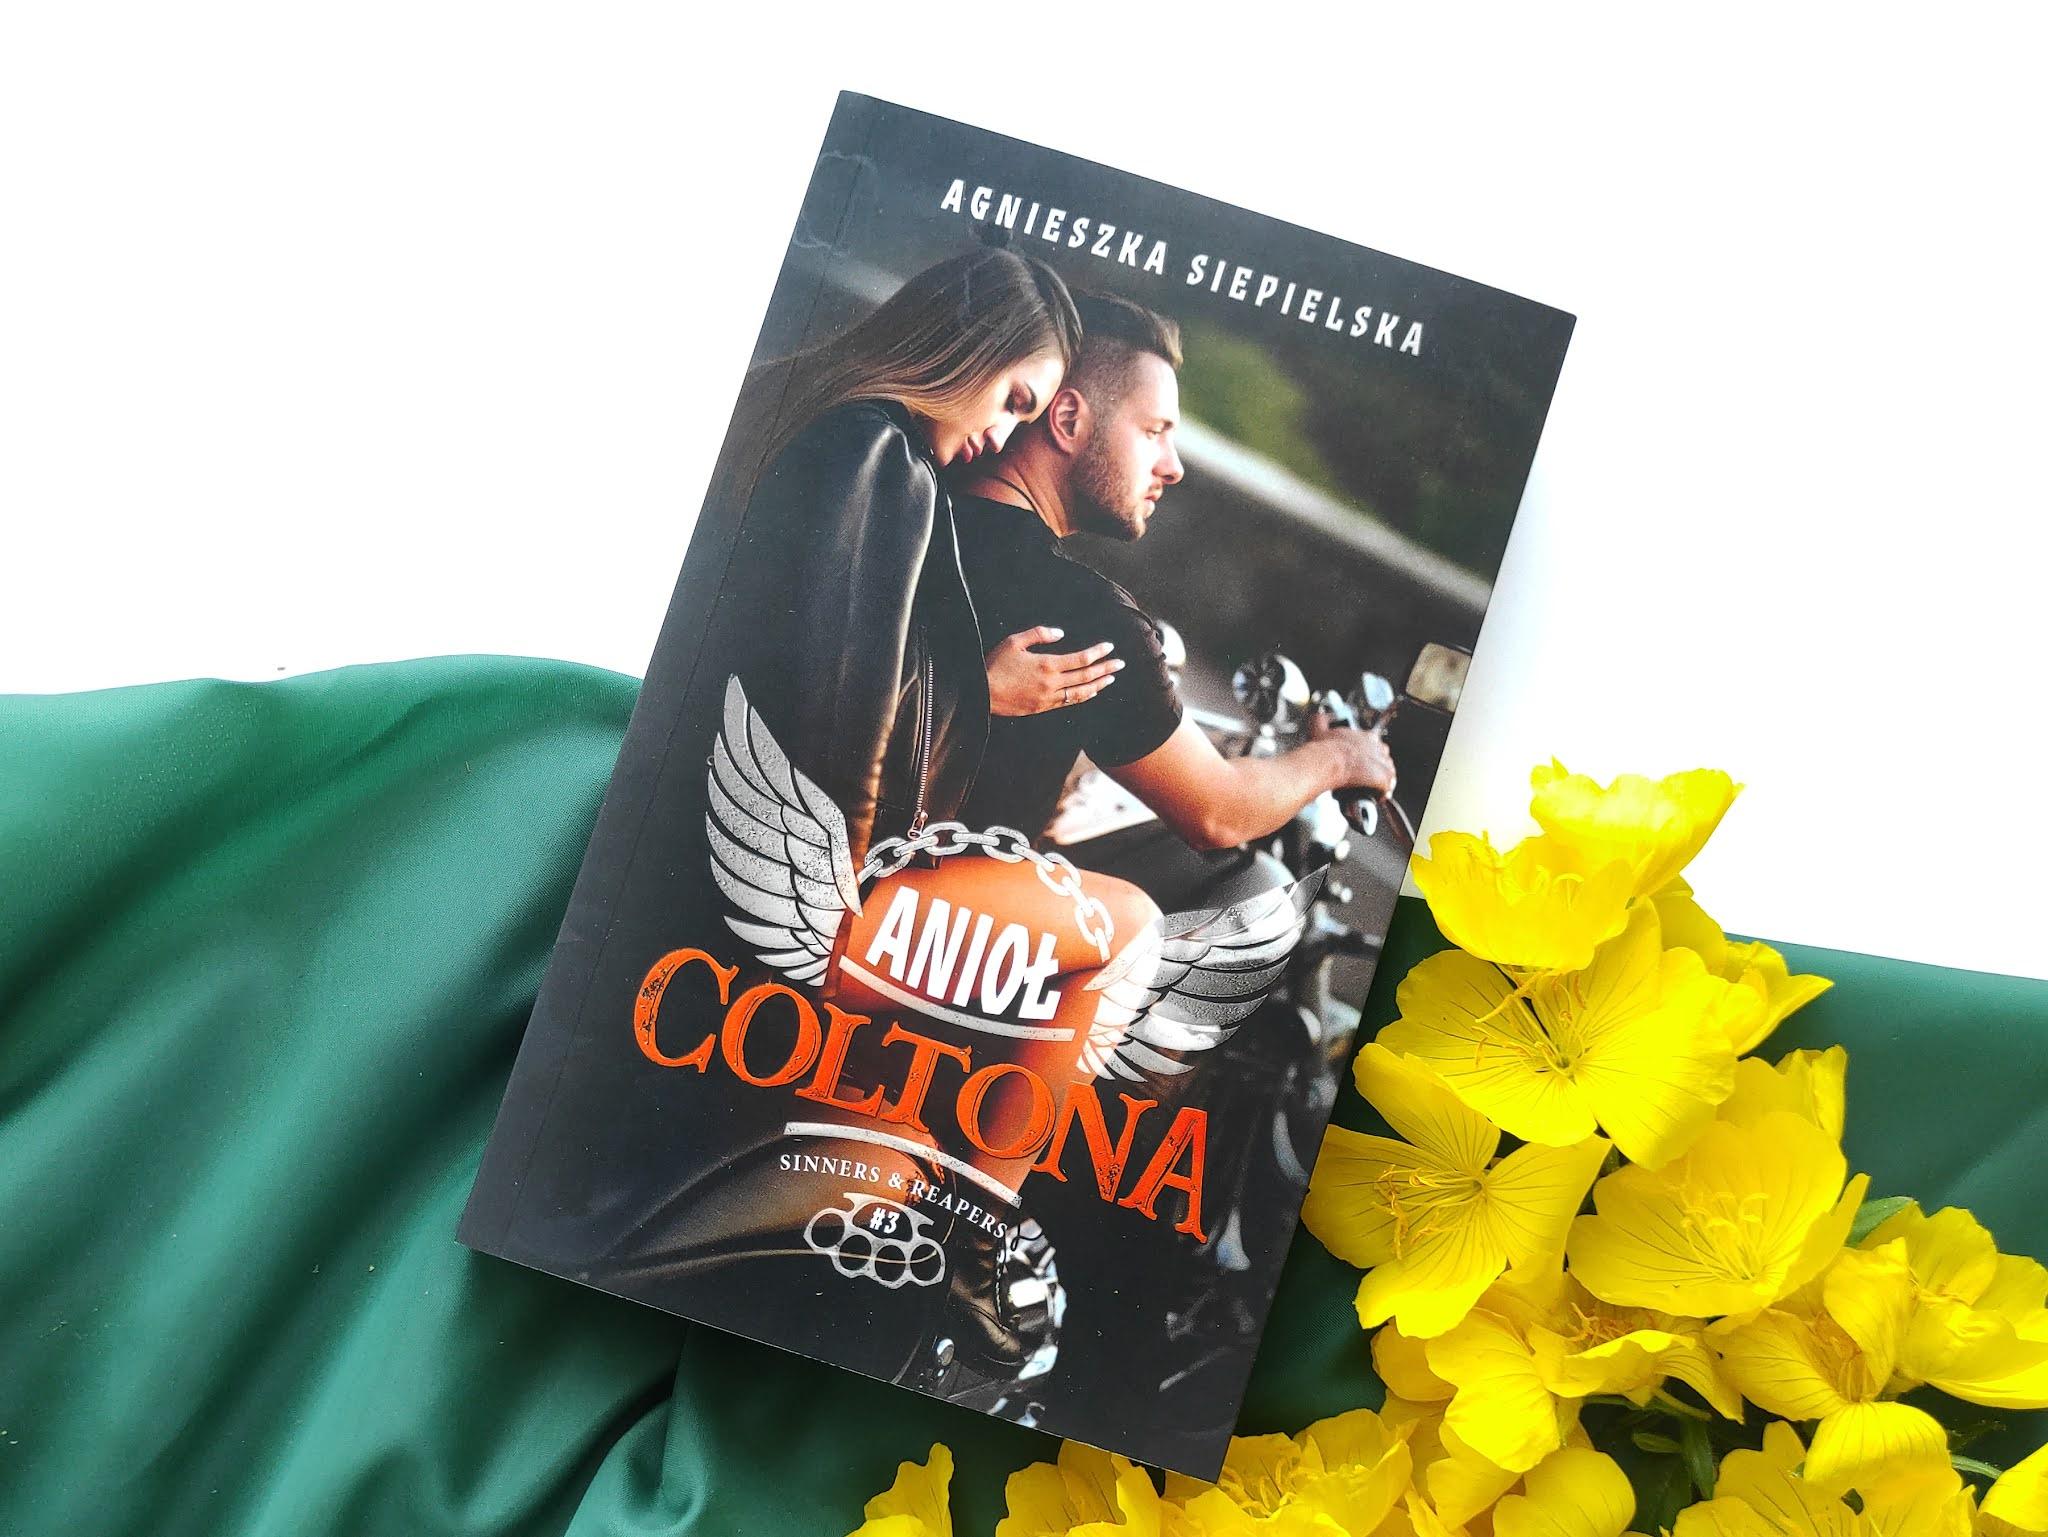 Anioł Coltona recenzje książki